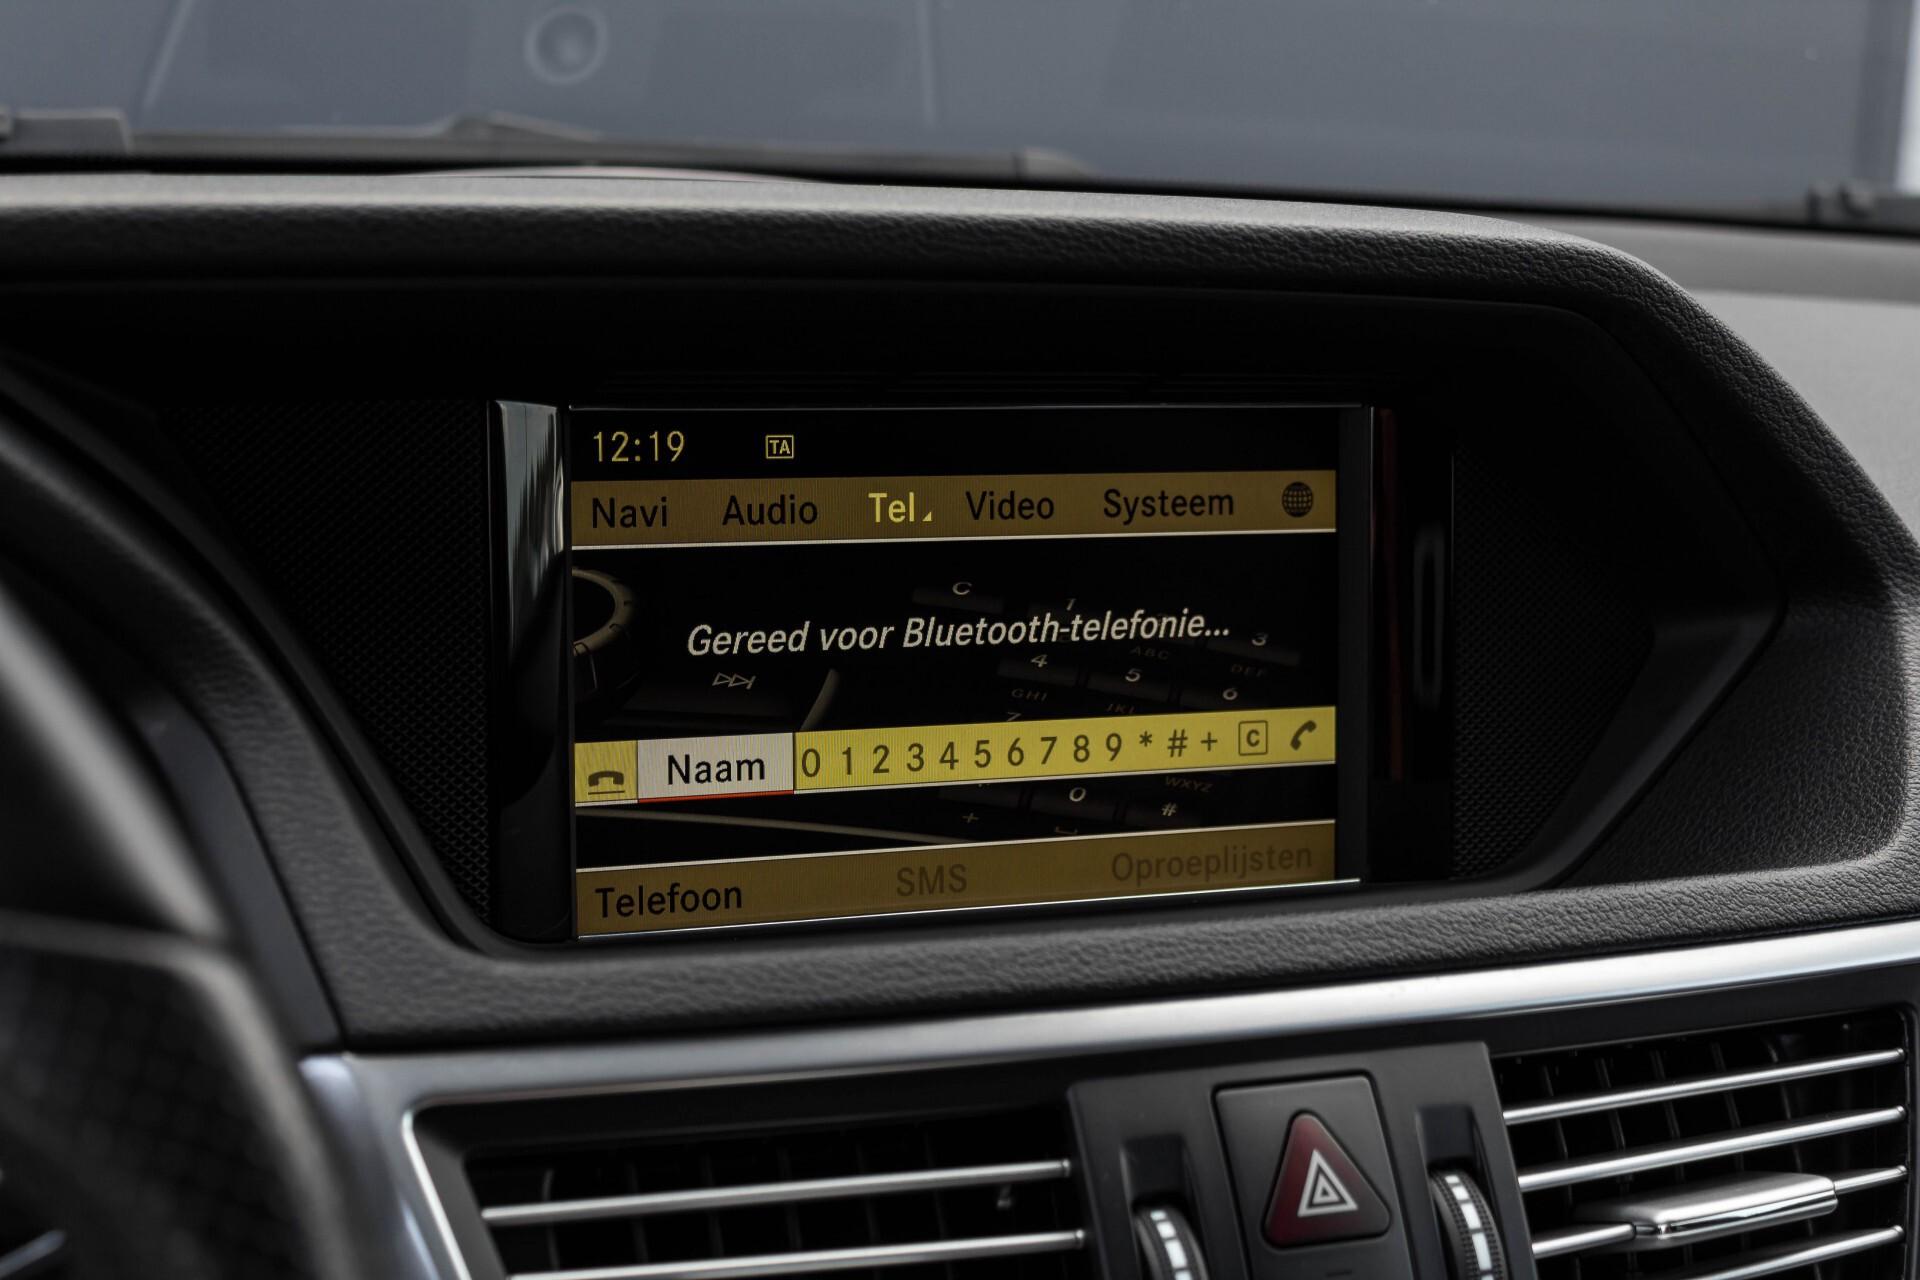 Mercedes-Benz E-Klasse Estate 350 Cdi AMG Luchtvering/Schuifdak/Comand/Harman Kardon/ILS Aut7 Foto 23